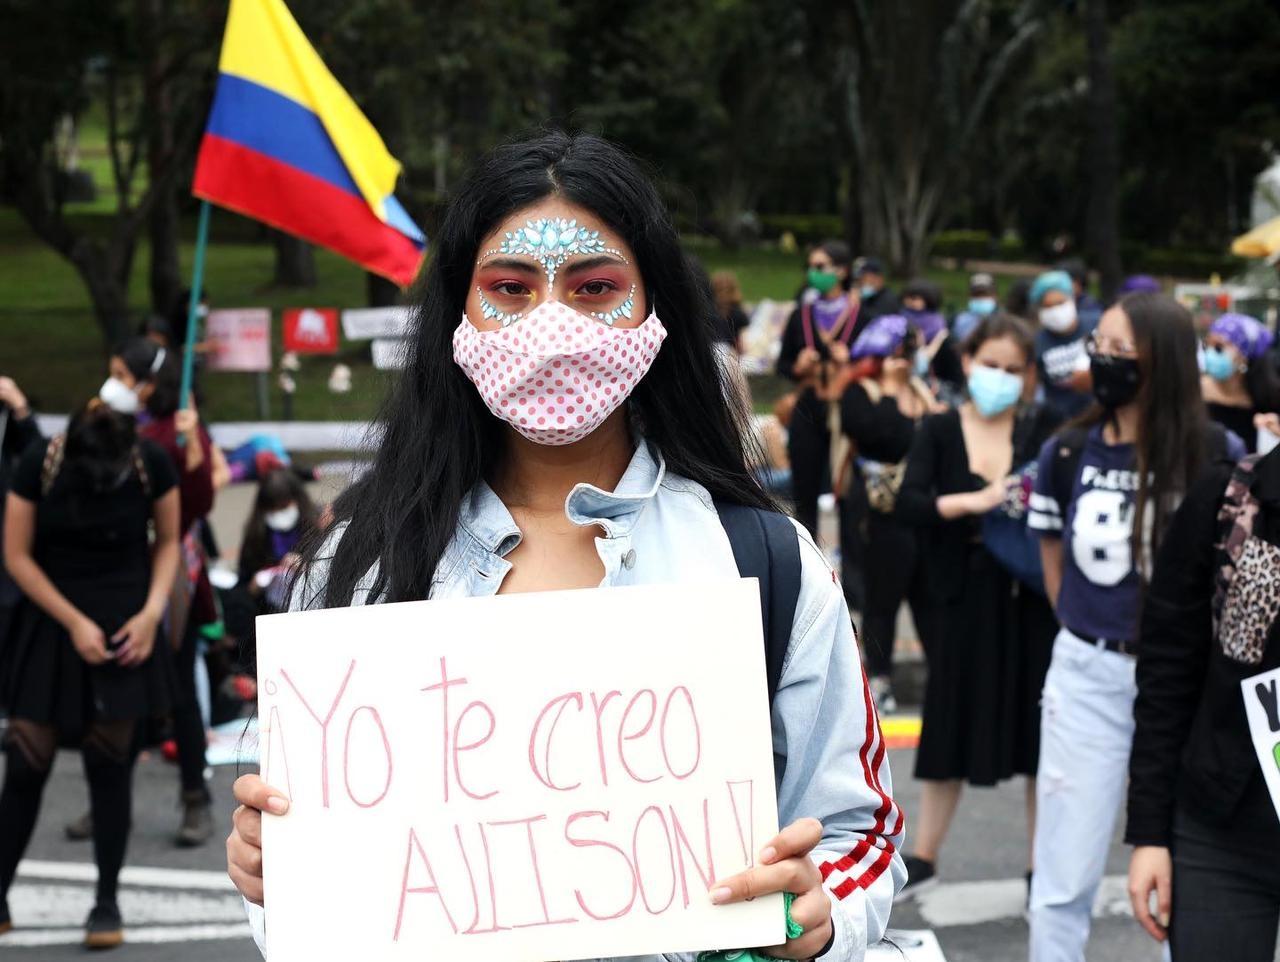 Se reportan unas 18 víctimas de violencia sexual durante el Paro Nacional, según denuncian Temblores.org e Indepaz